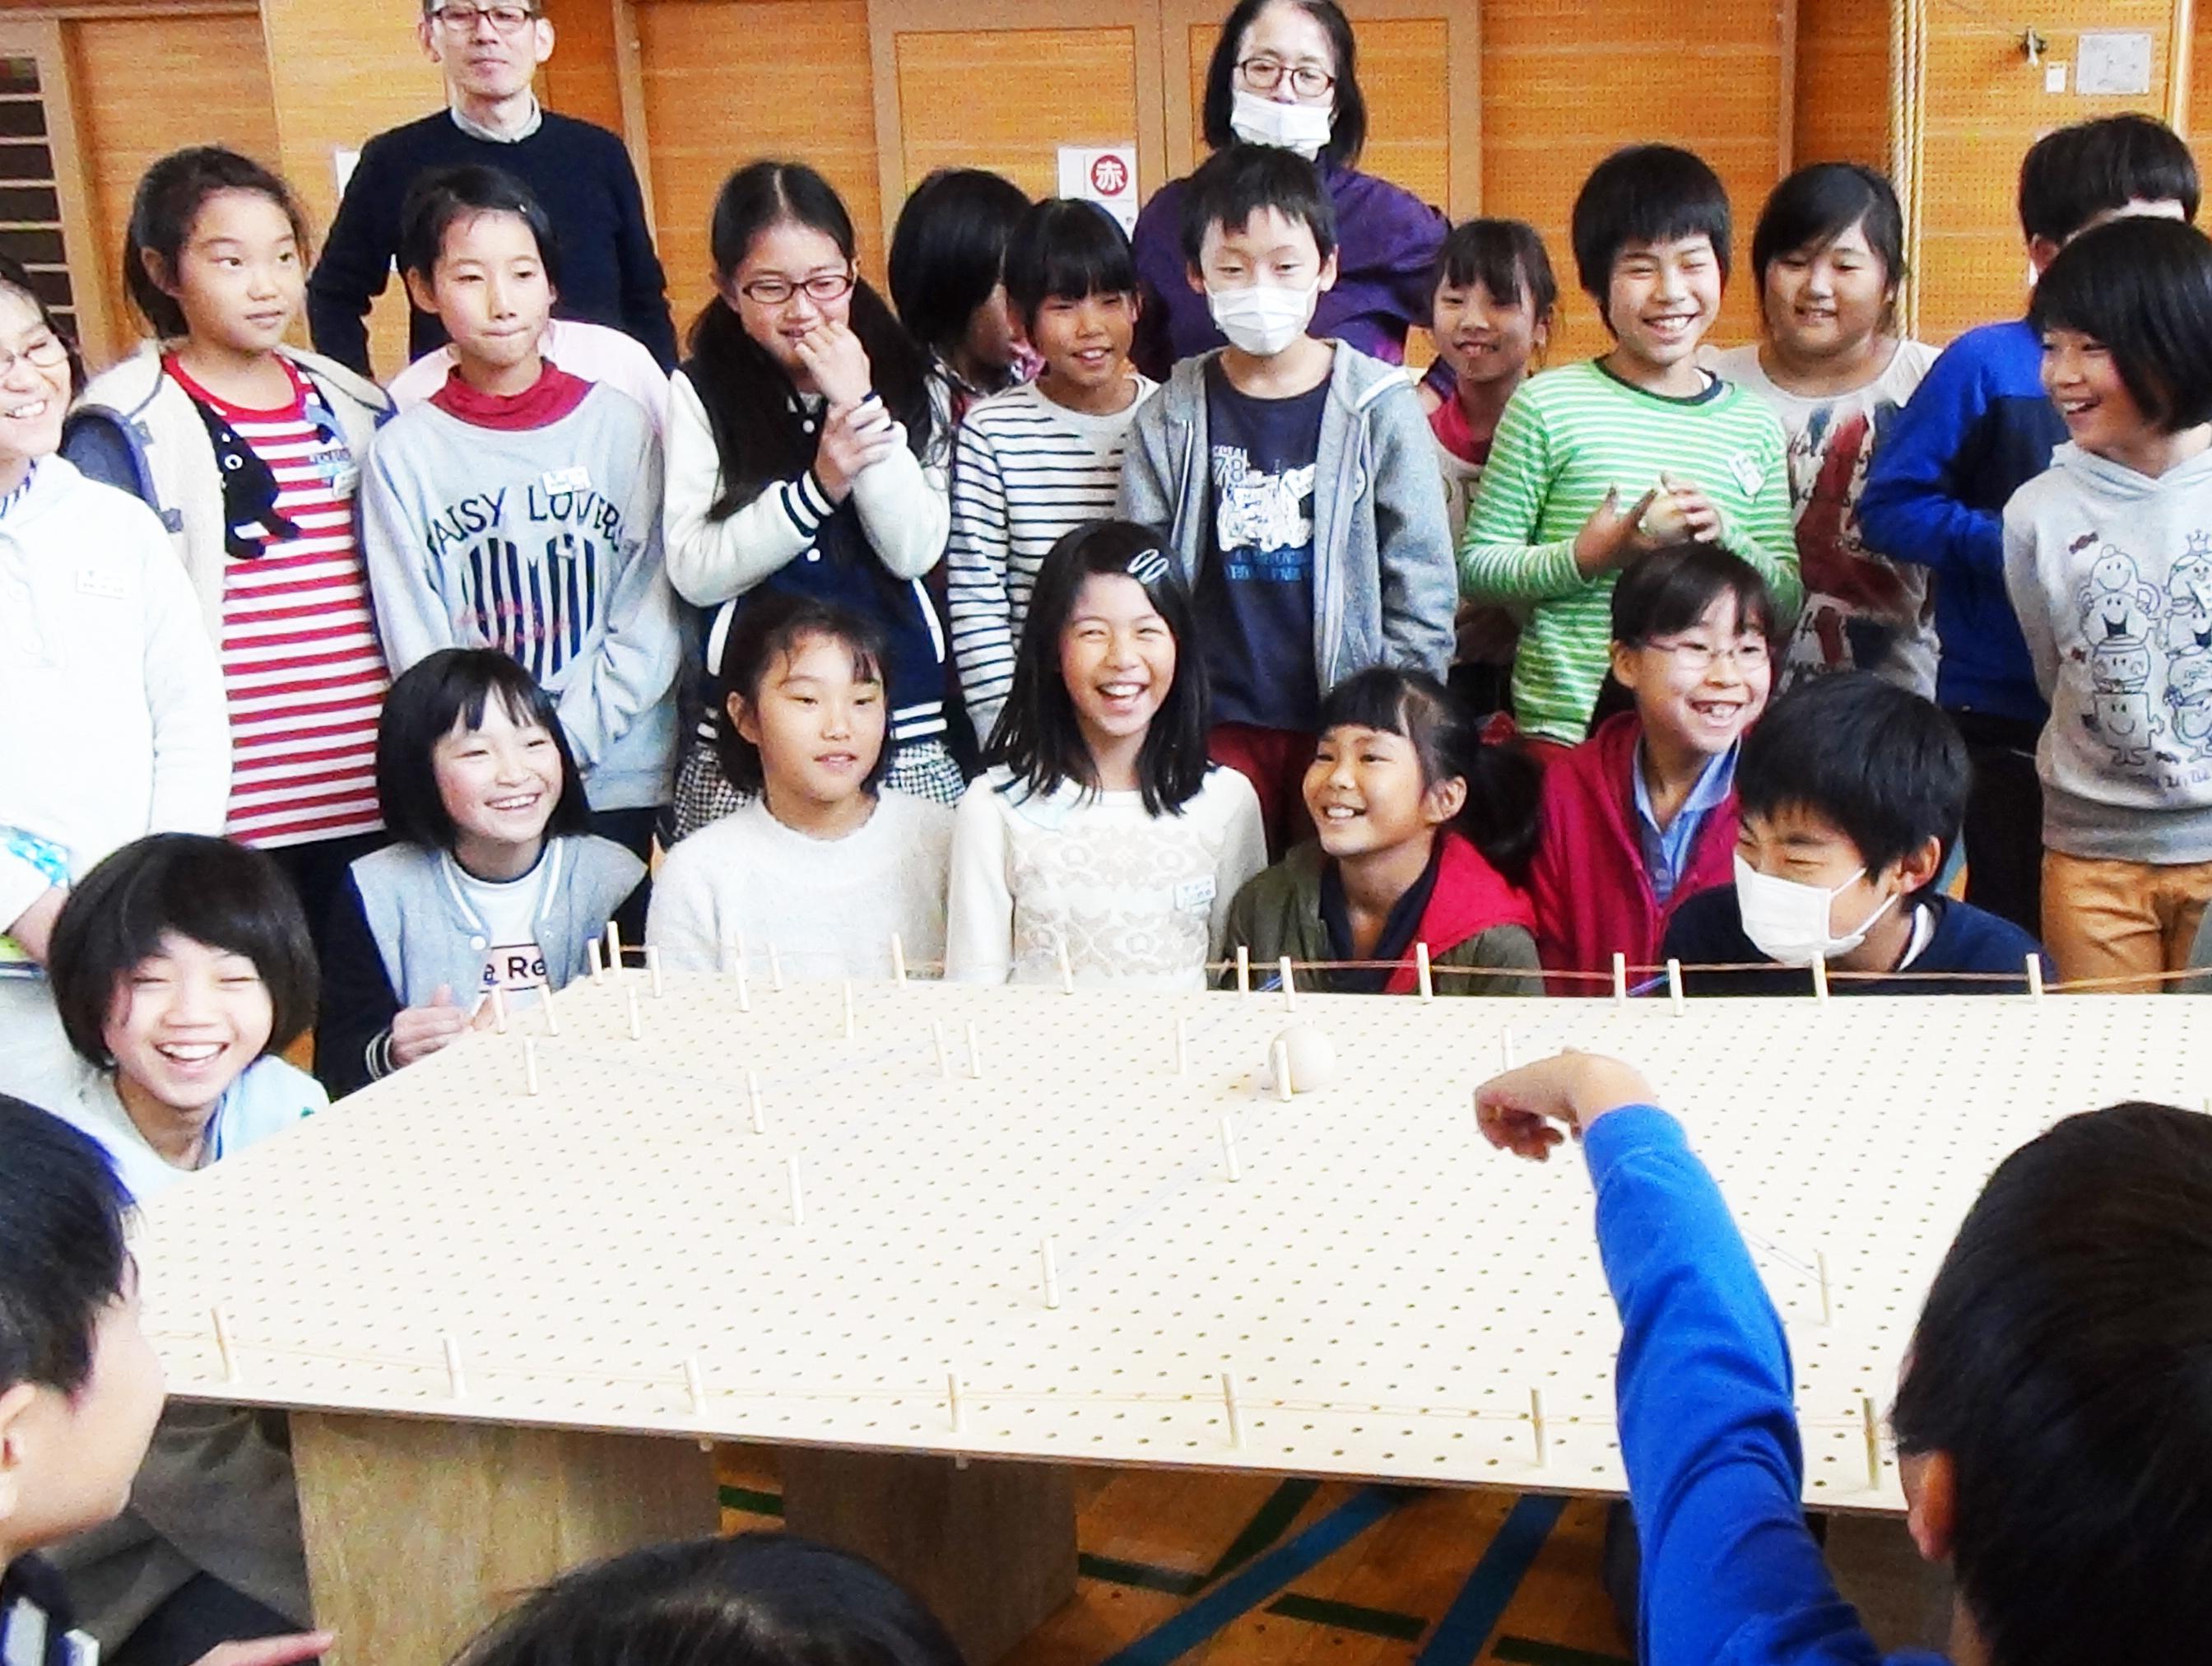 山形市立第一小学校にてワークショップを実施しました